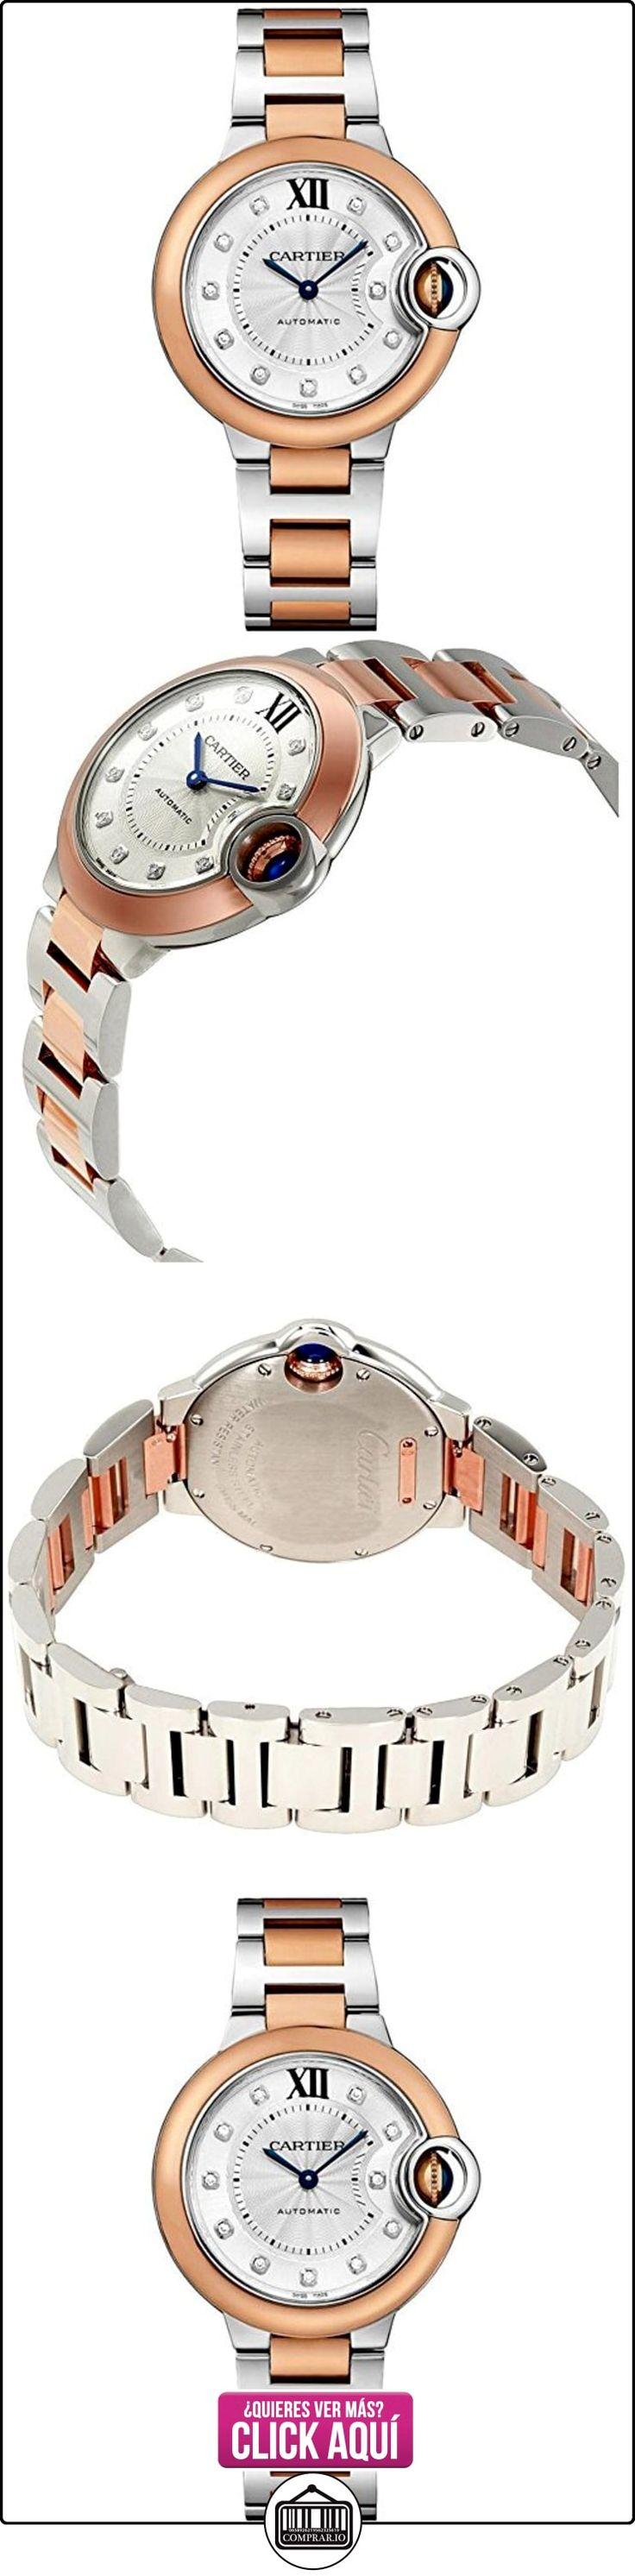 CARTIER BALLON BLEU DE CARTIER RELOJ DE MUJER AUTOMÁTICO 33MM W3BB0006  ✿ Relojes para mujer - (Lujo) ✿ ▬► Ver oferta: https://comprar.io/goto/B01LKY0UAE